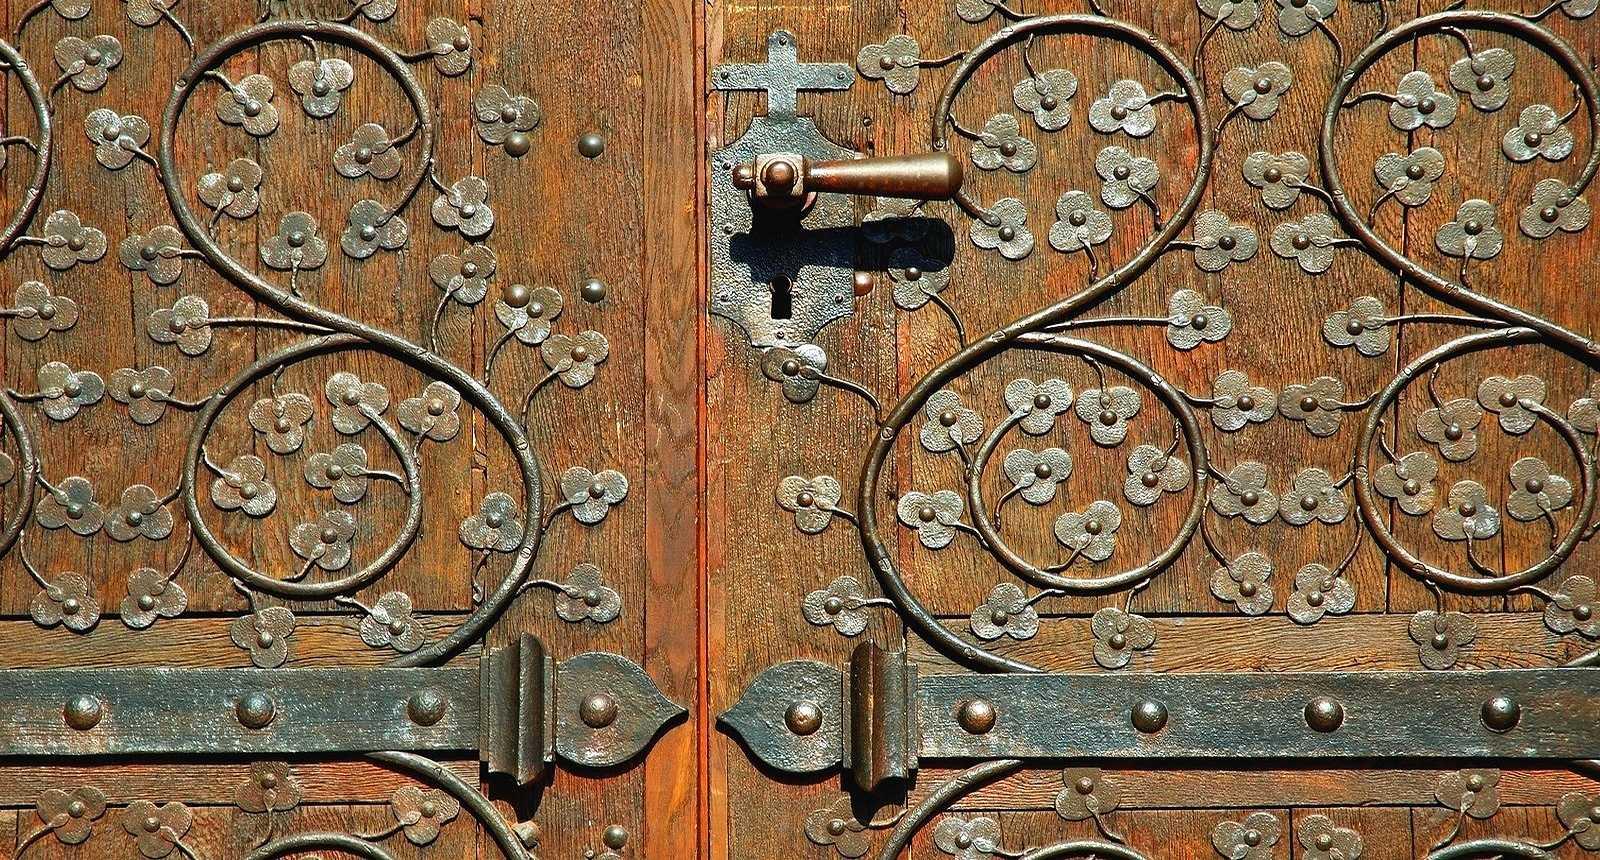 Porte de l'église d'Ensisheim